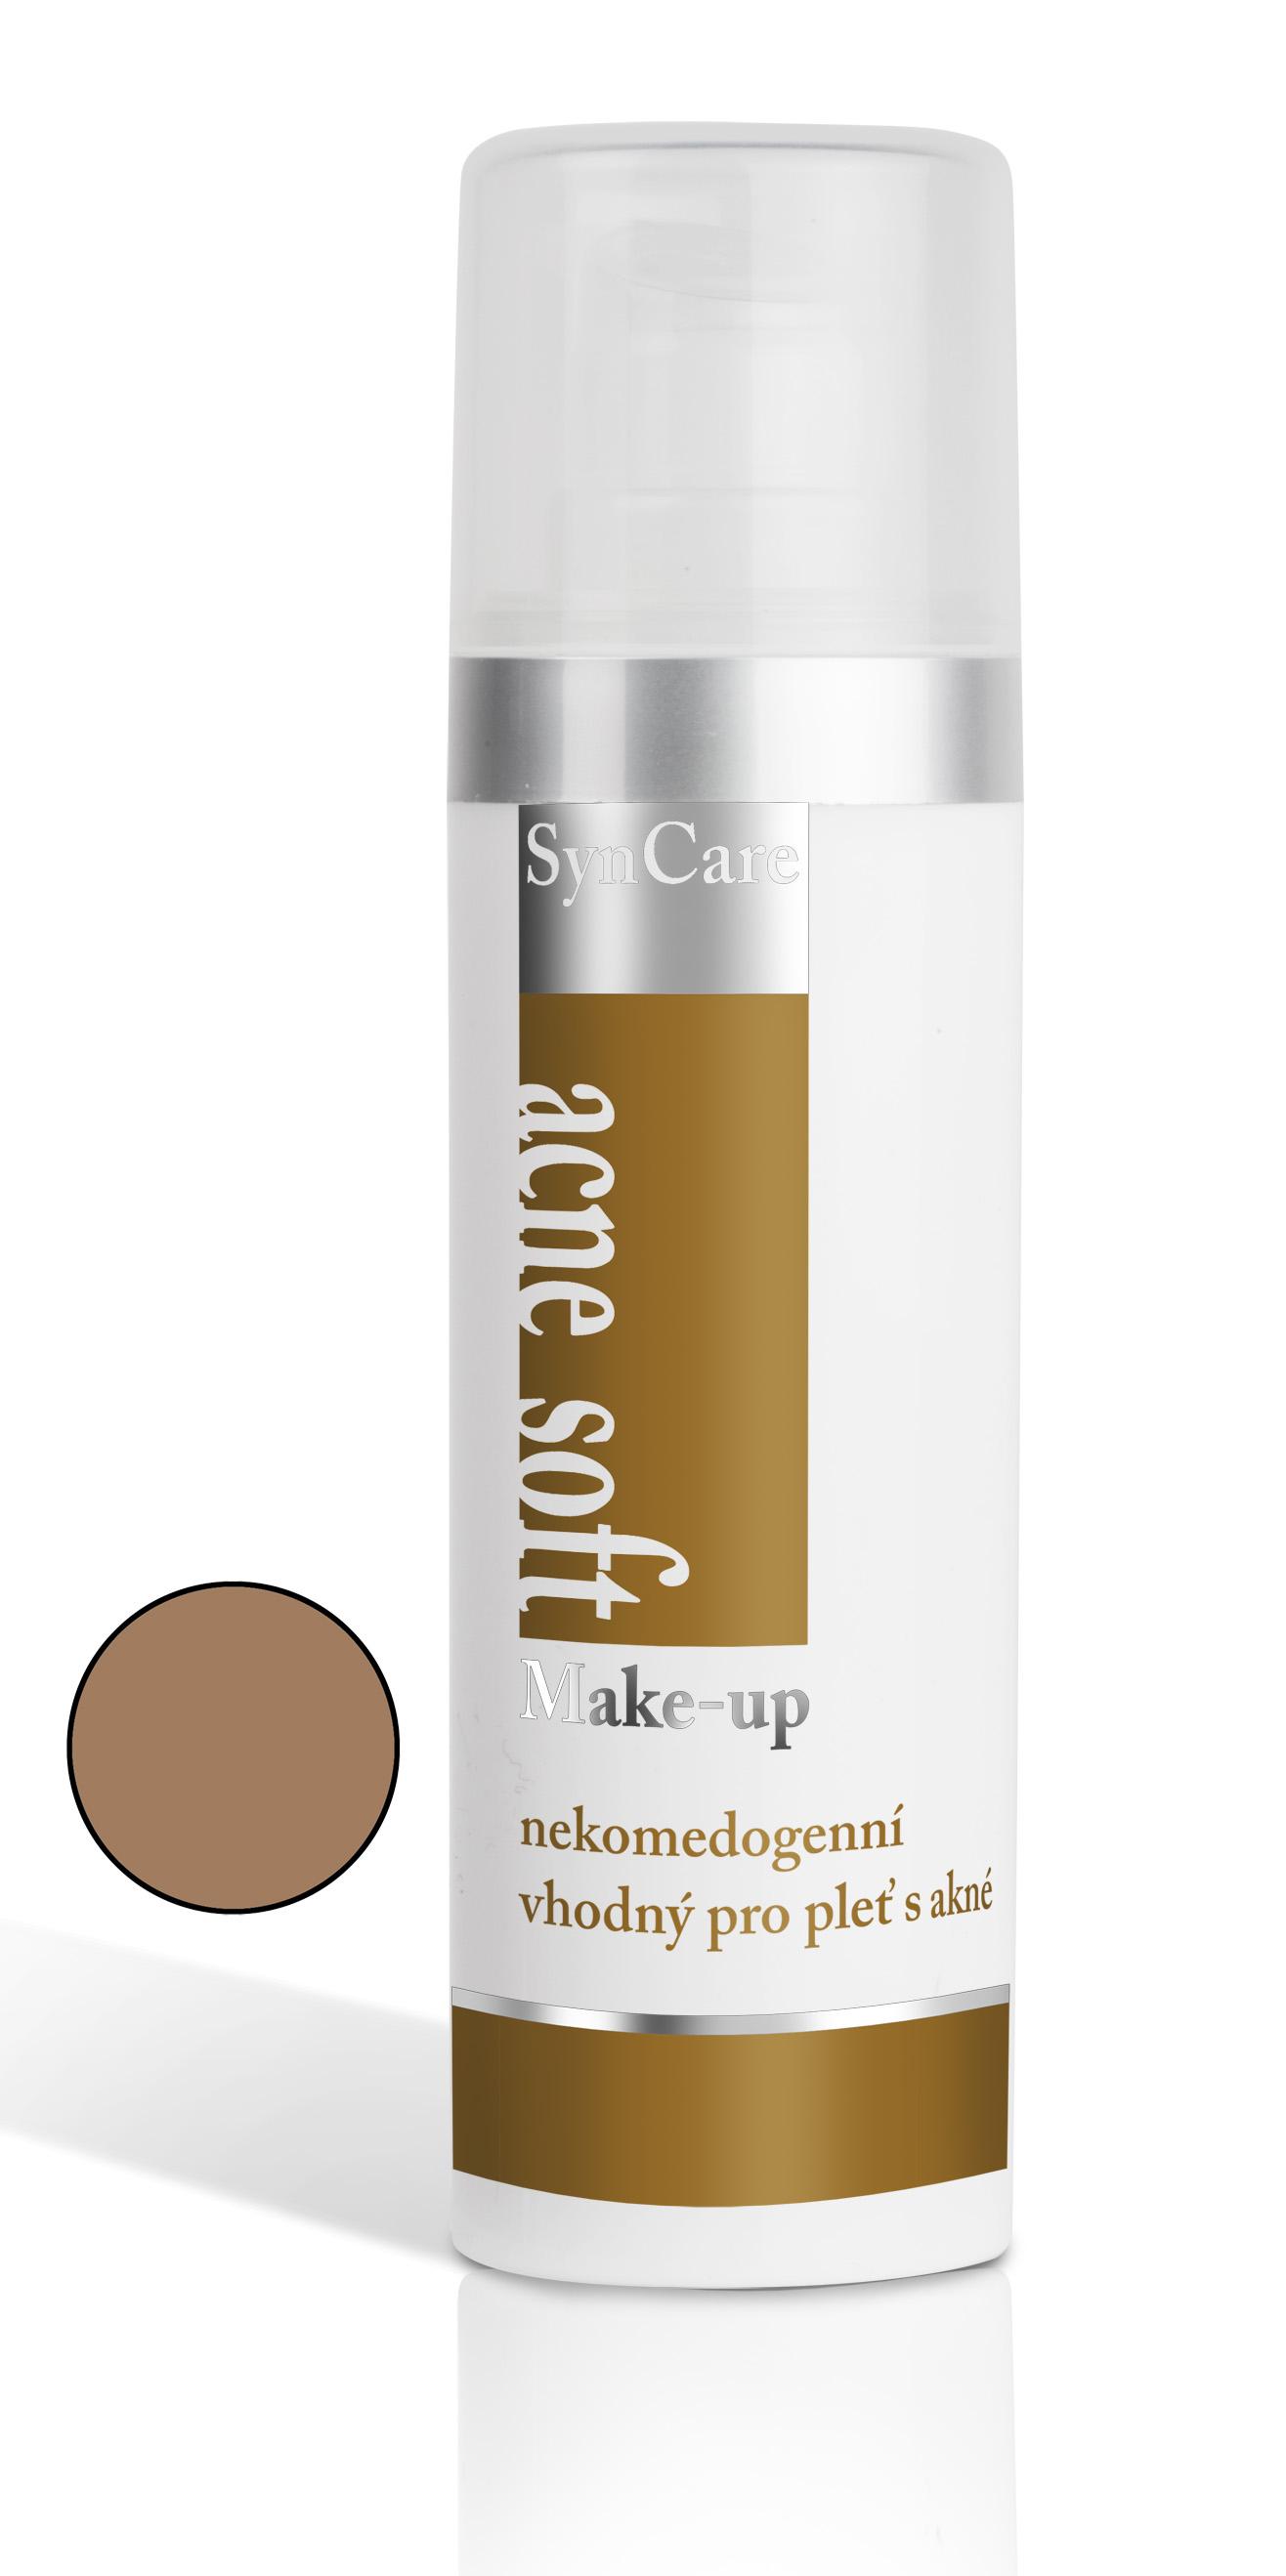 Syncare Acne Soft make-up pro pleť s akné, odstín 404 30 ml + DOPRAVA ZDARMA po celý rok!